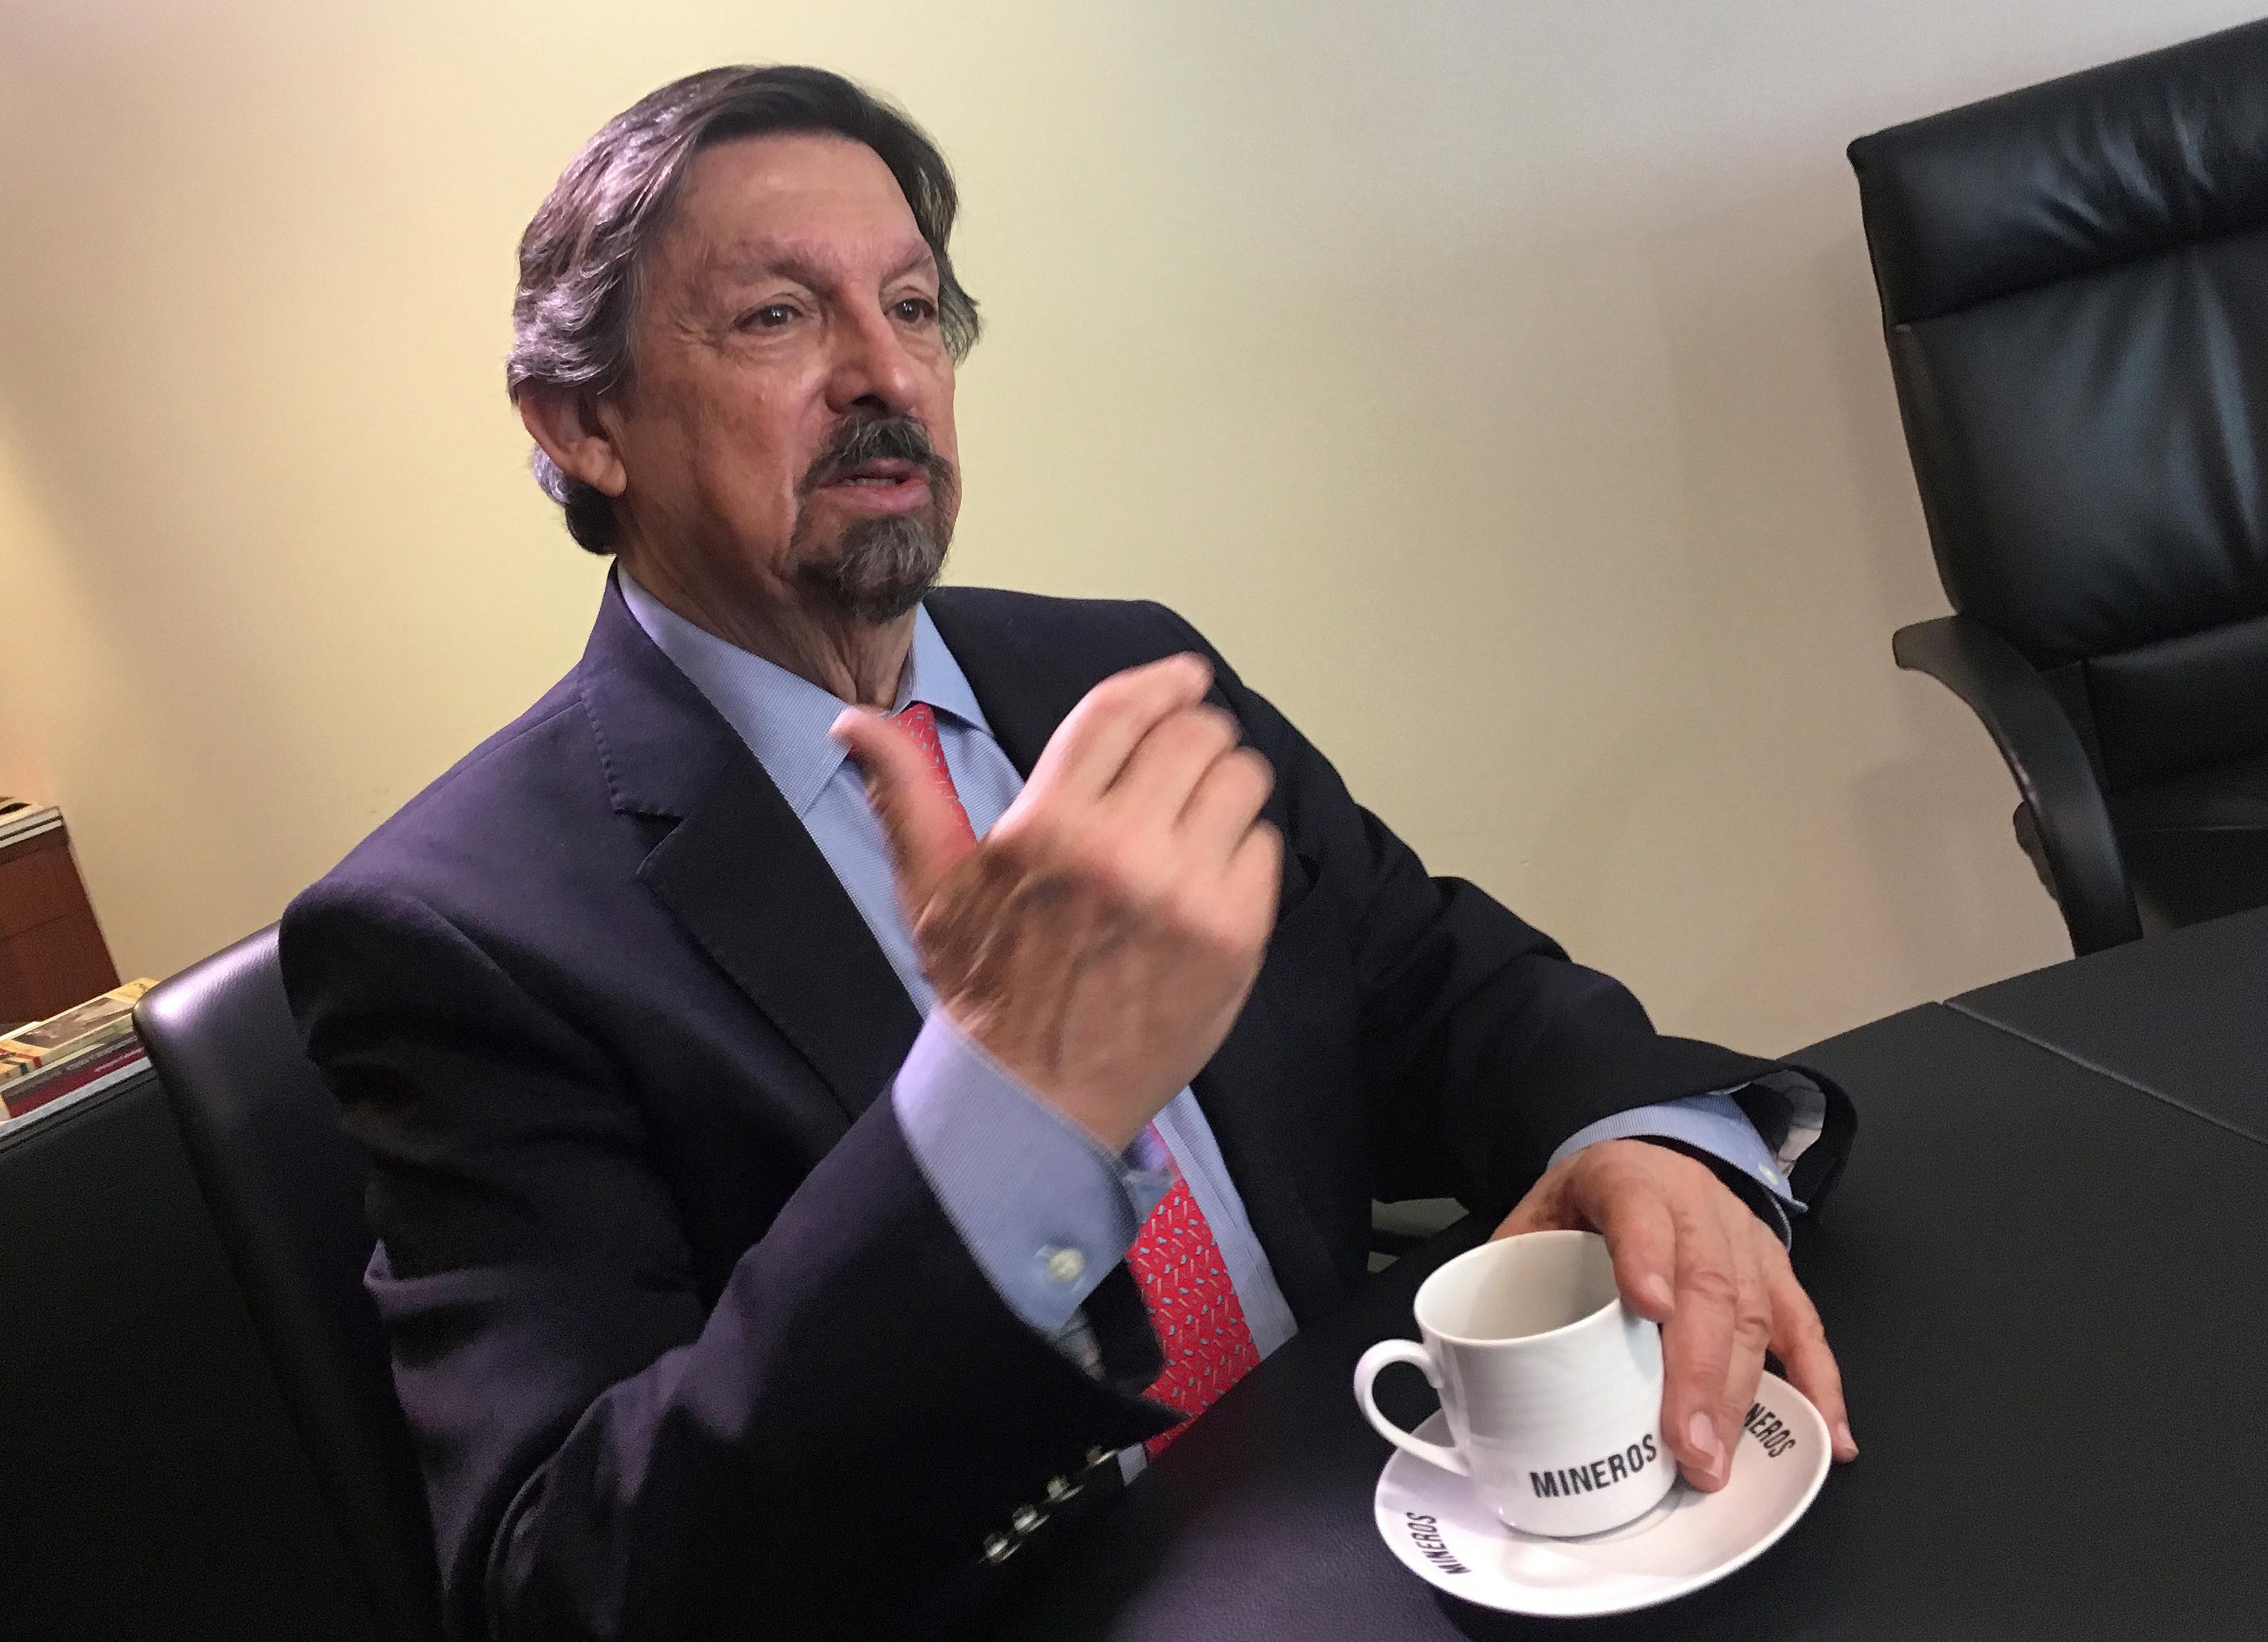 ¿Cuál es el fin de la nueva central obrera de Napoleón Gómez Urrutia?